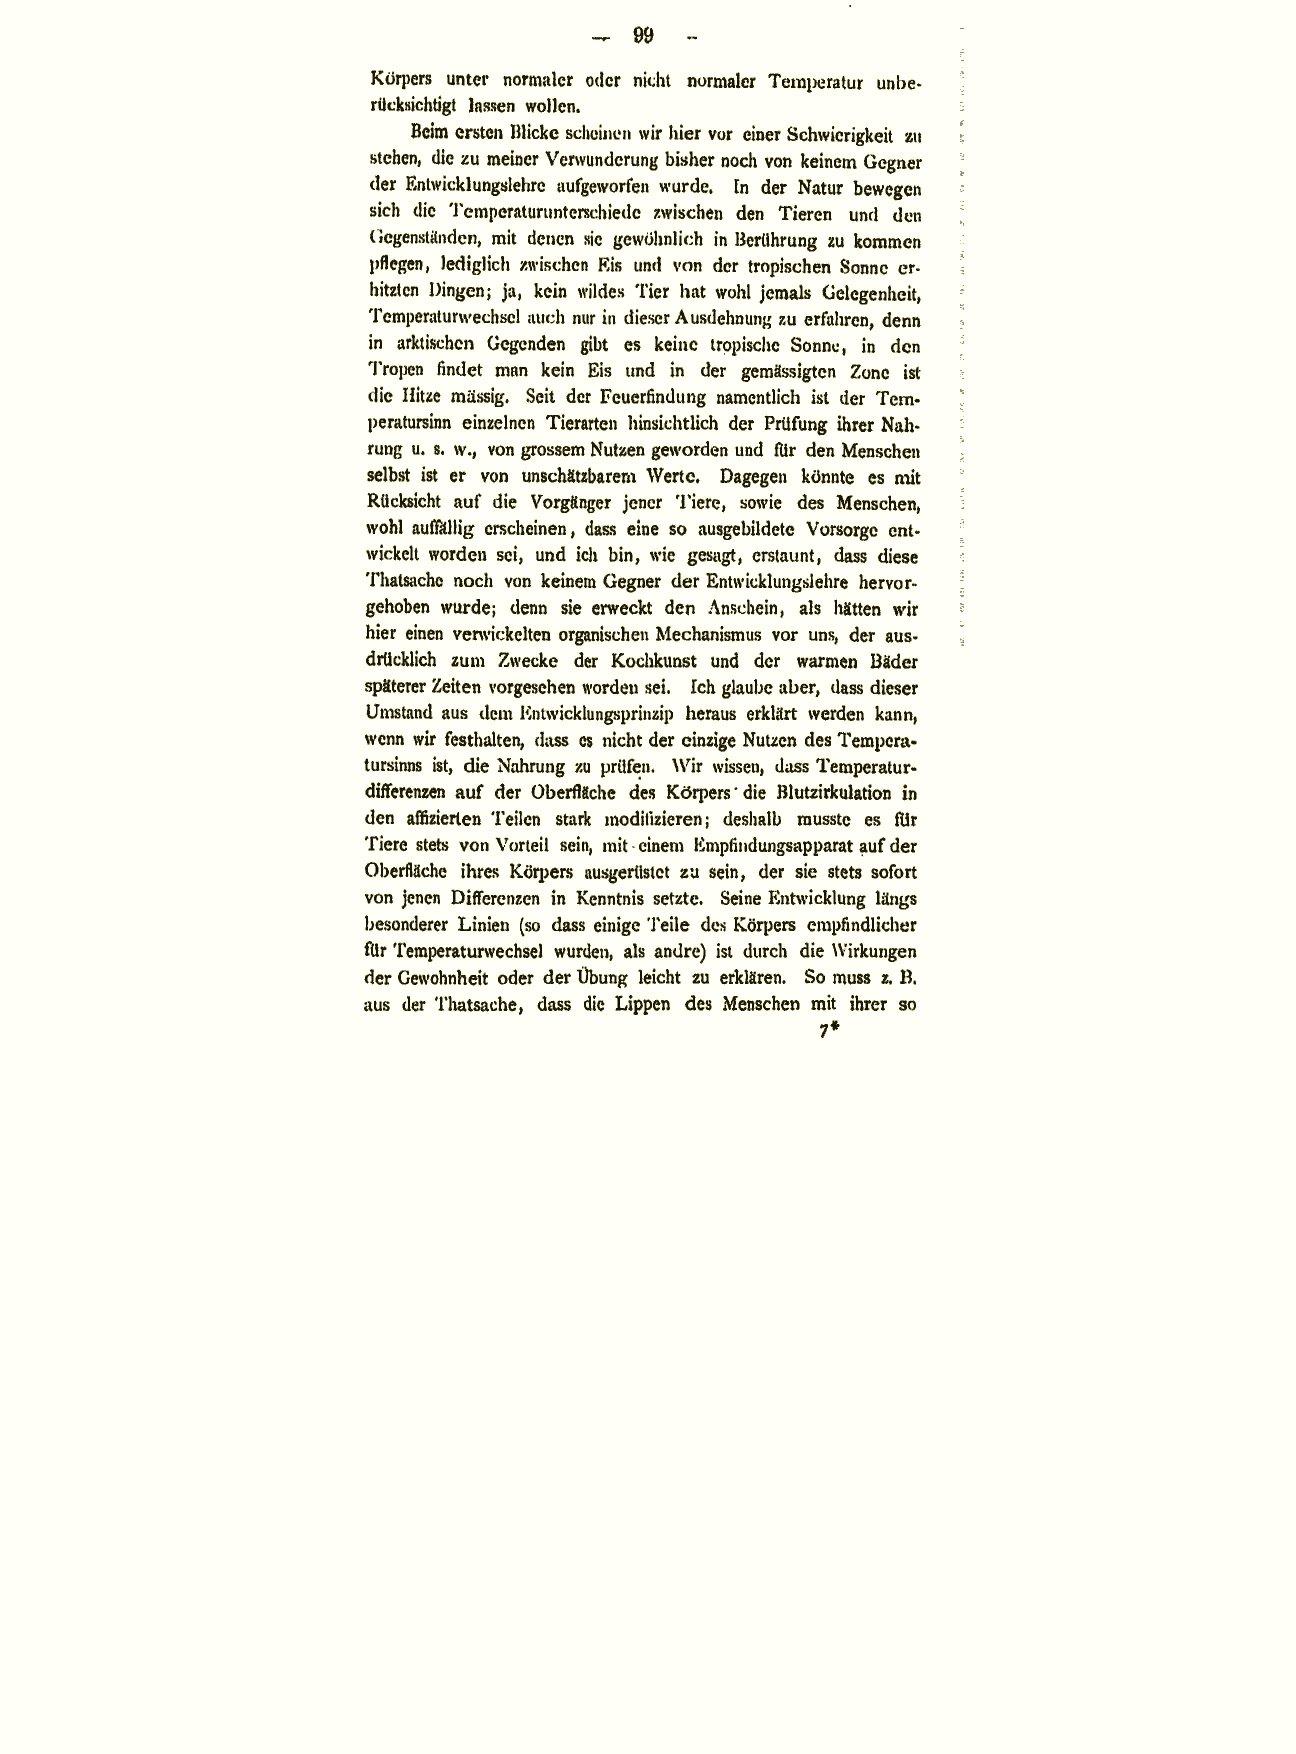 Darwin, C. R. 1887. Über den Instinkt. In G. J. Romanes, Die geistige  Entwicklung im Tierreich. Leipzig: E. Günther.